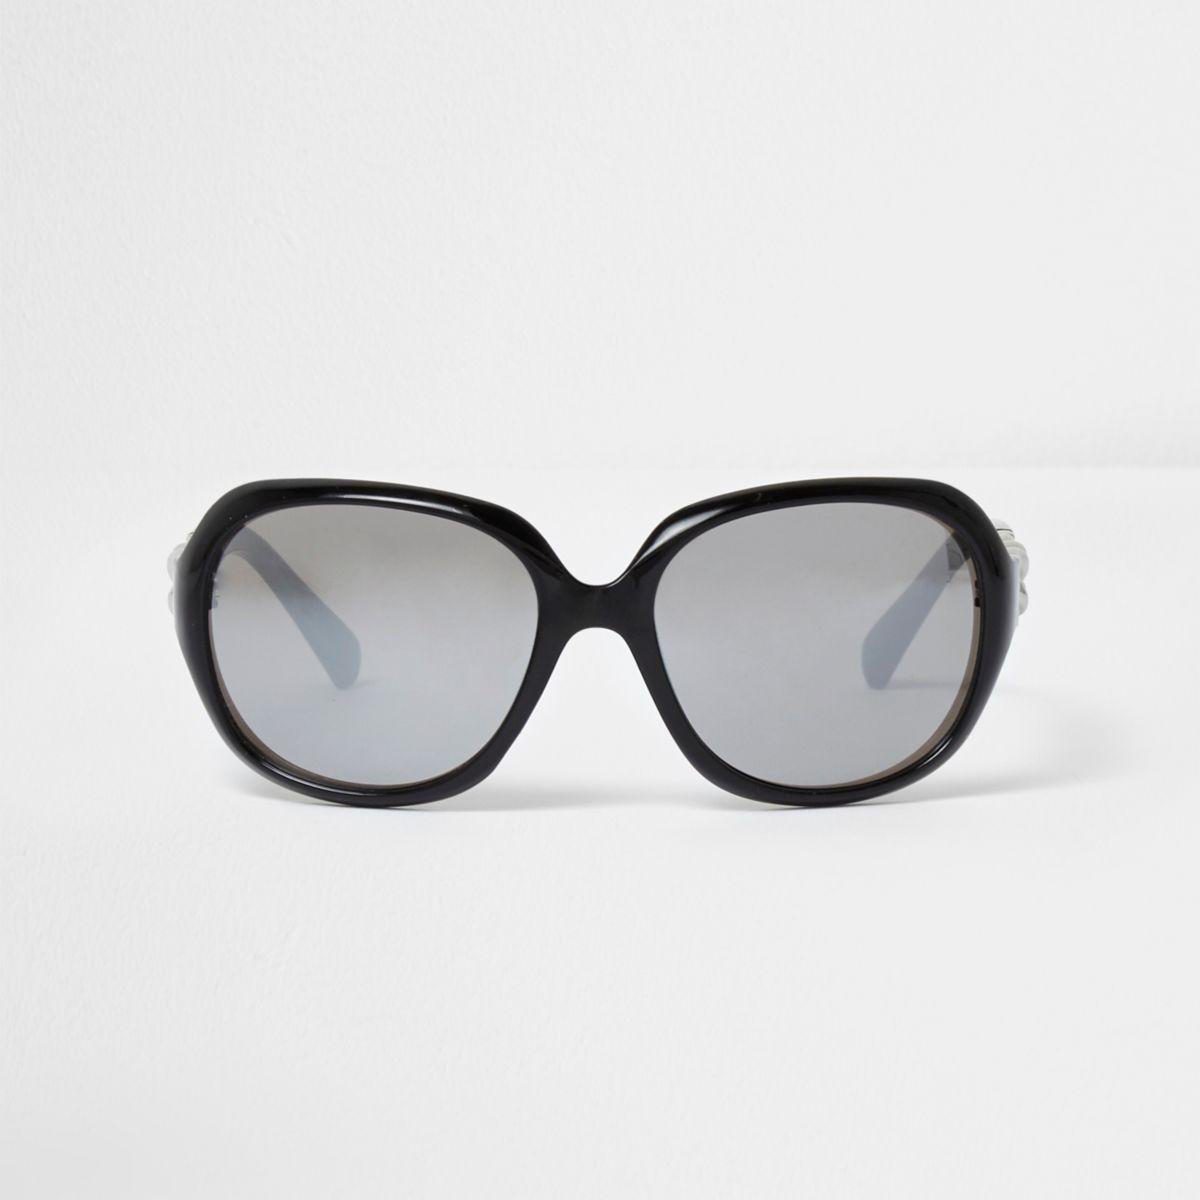 Girls black oversized silver lens sunglasses